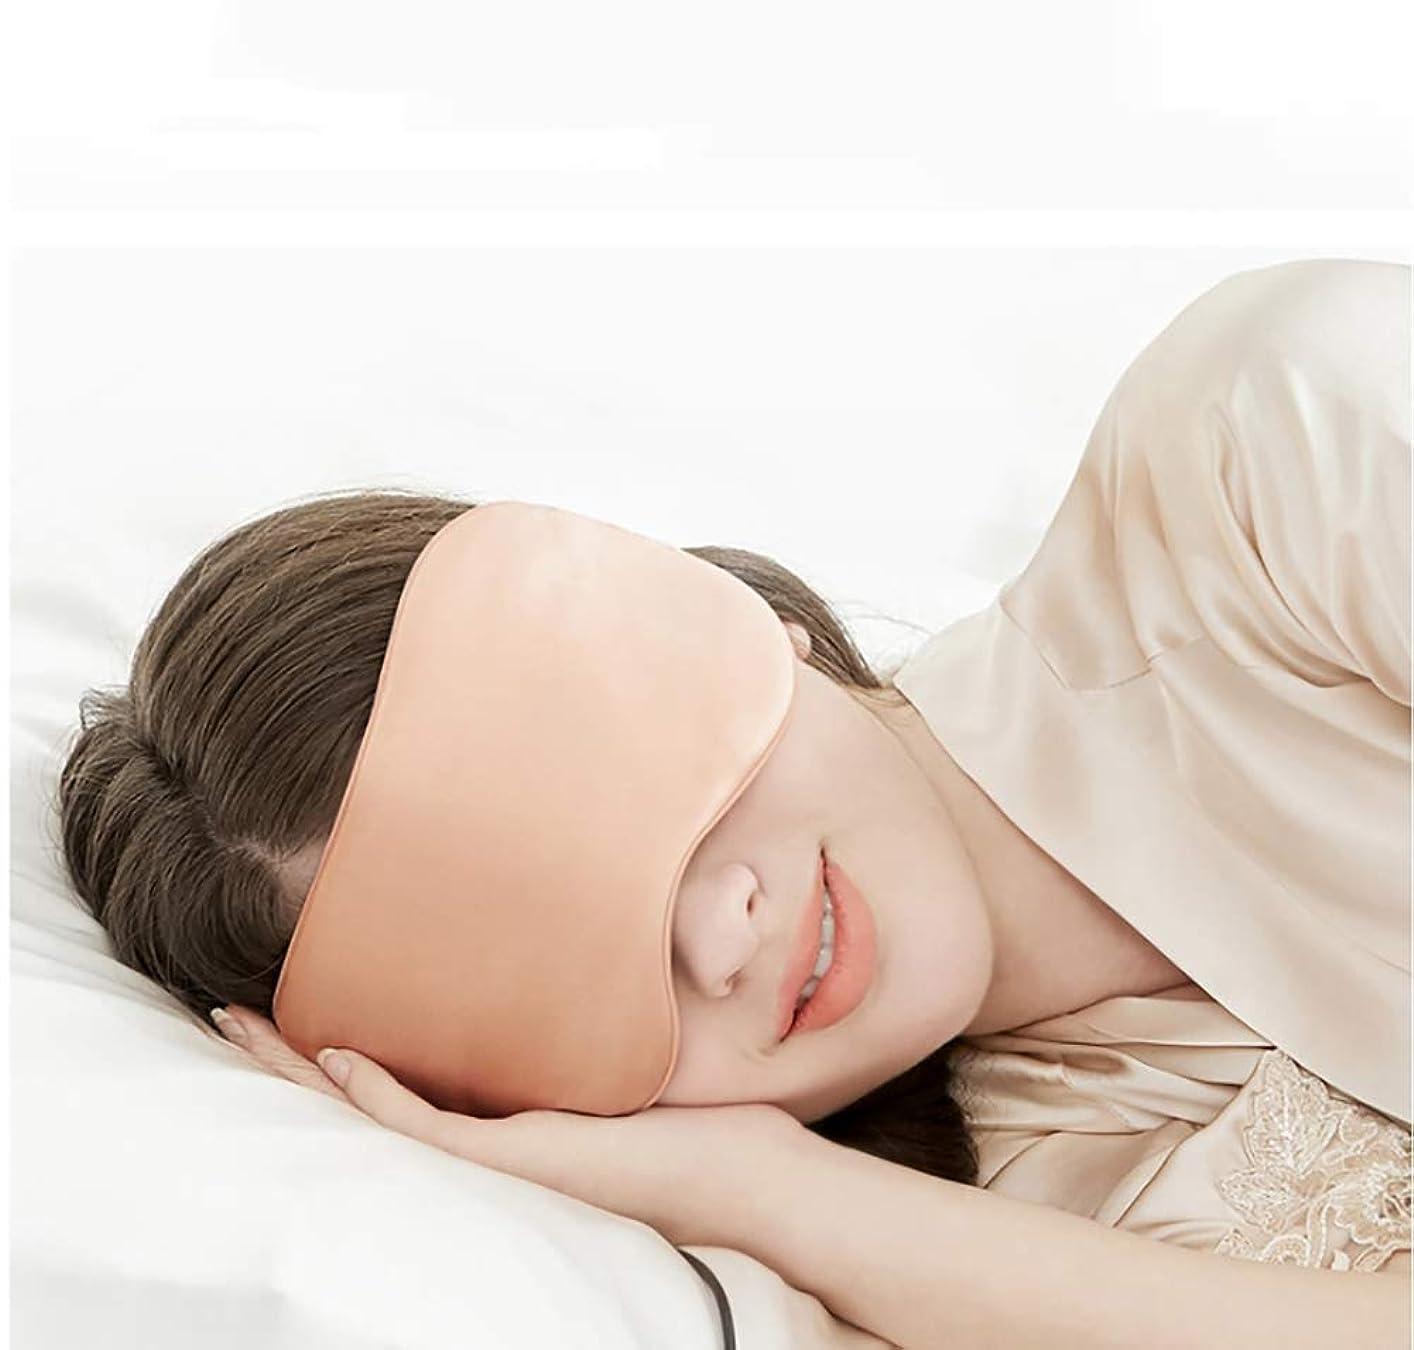 ダニ独立して蓋スチームホットアイマスクアイマッサージャーシルクインテリジェント温度制御軽量調整可能洗える目の疲れを軽減